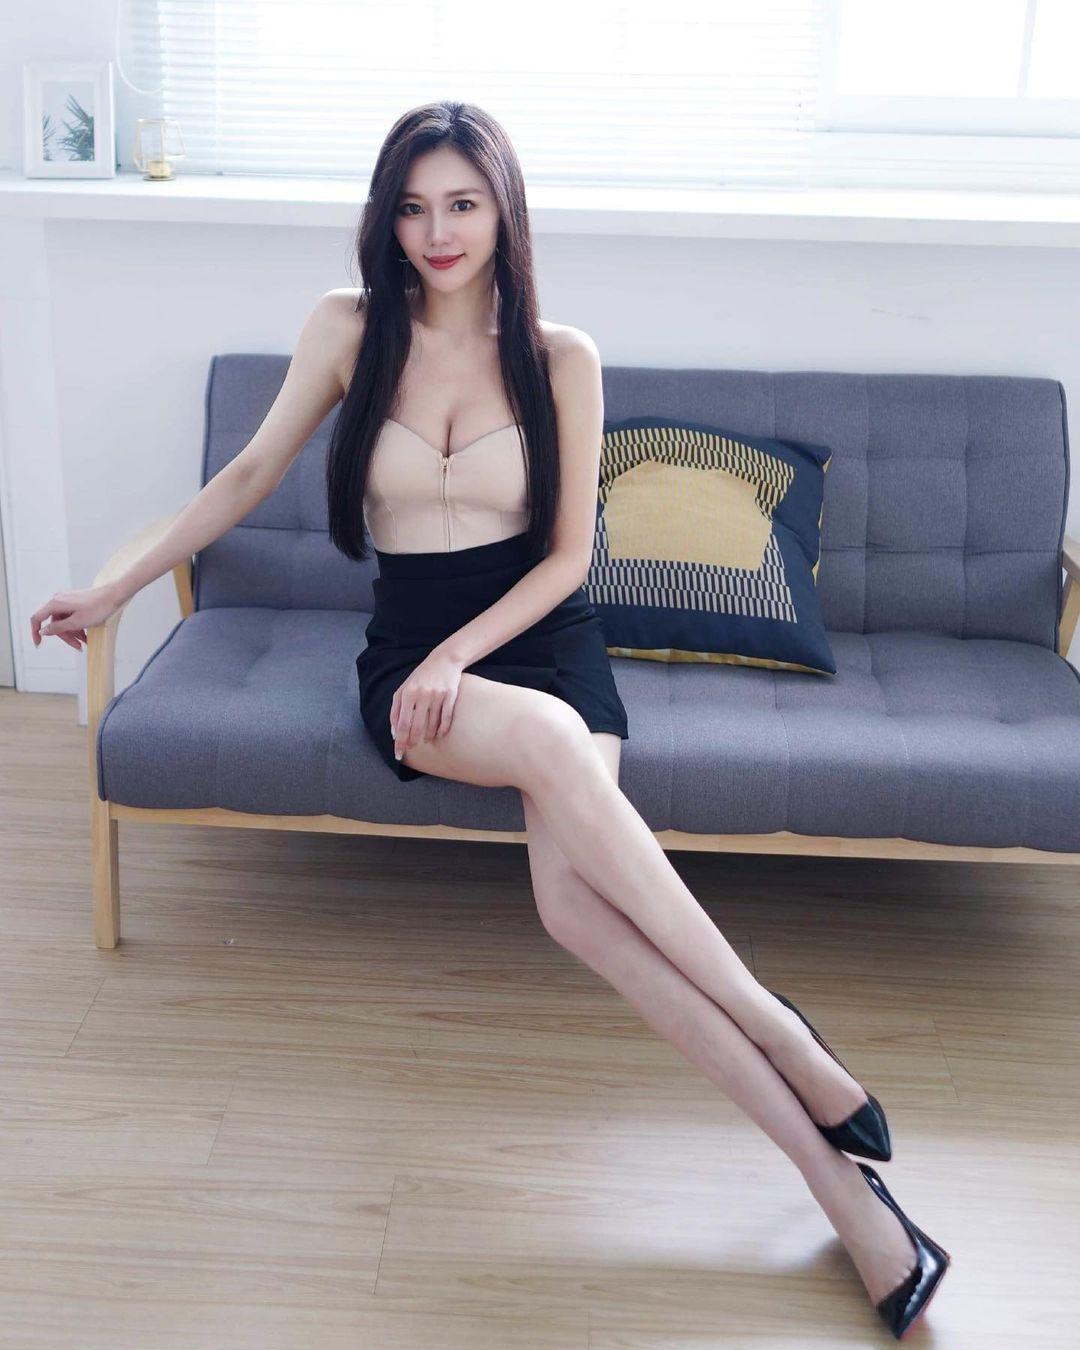 平面模特凯莉Kelly/冯怡翎白衬衫小窄裙OL套装 妹子图 热图3